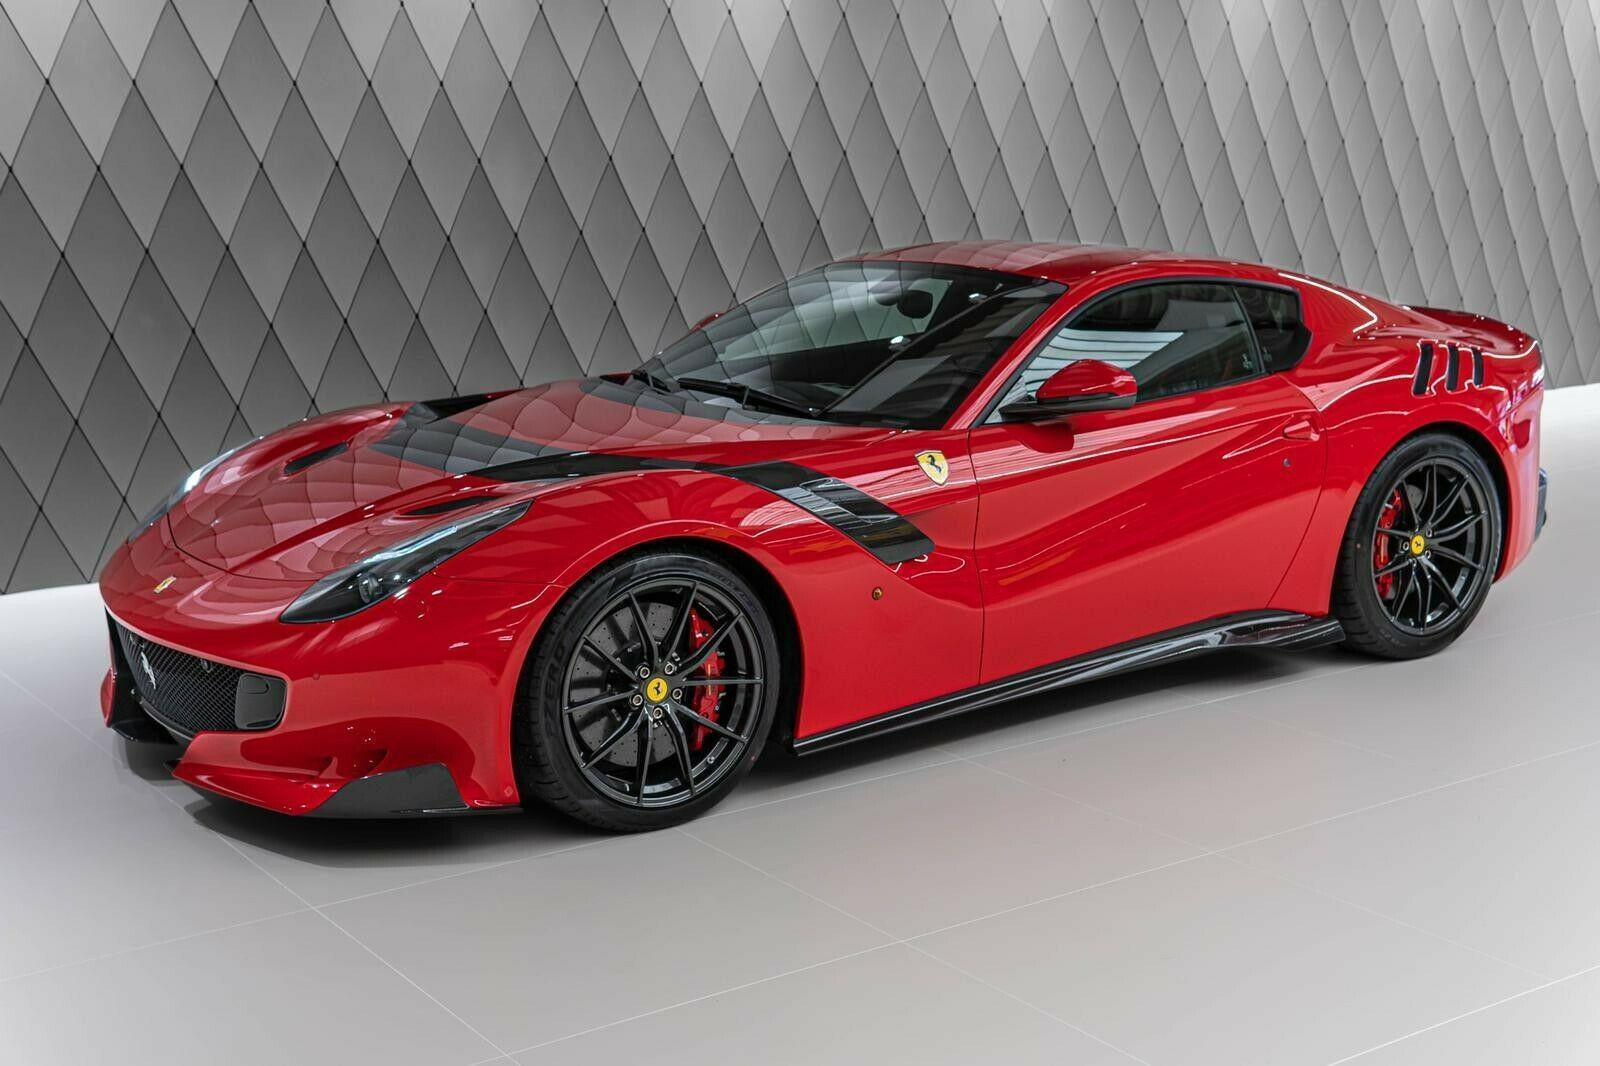 For Sale Ferrari F12 Tdf Luxury Cars Hamburg Germany For Sale On Luxurypulse In 2020 Ferrari F12 Tdf Ferrari F12 Luxury Car Logos